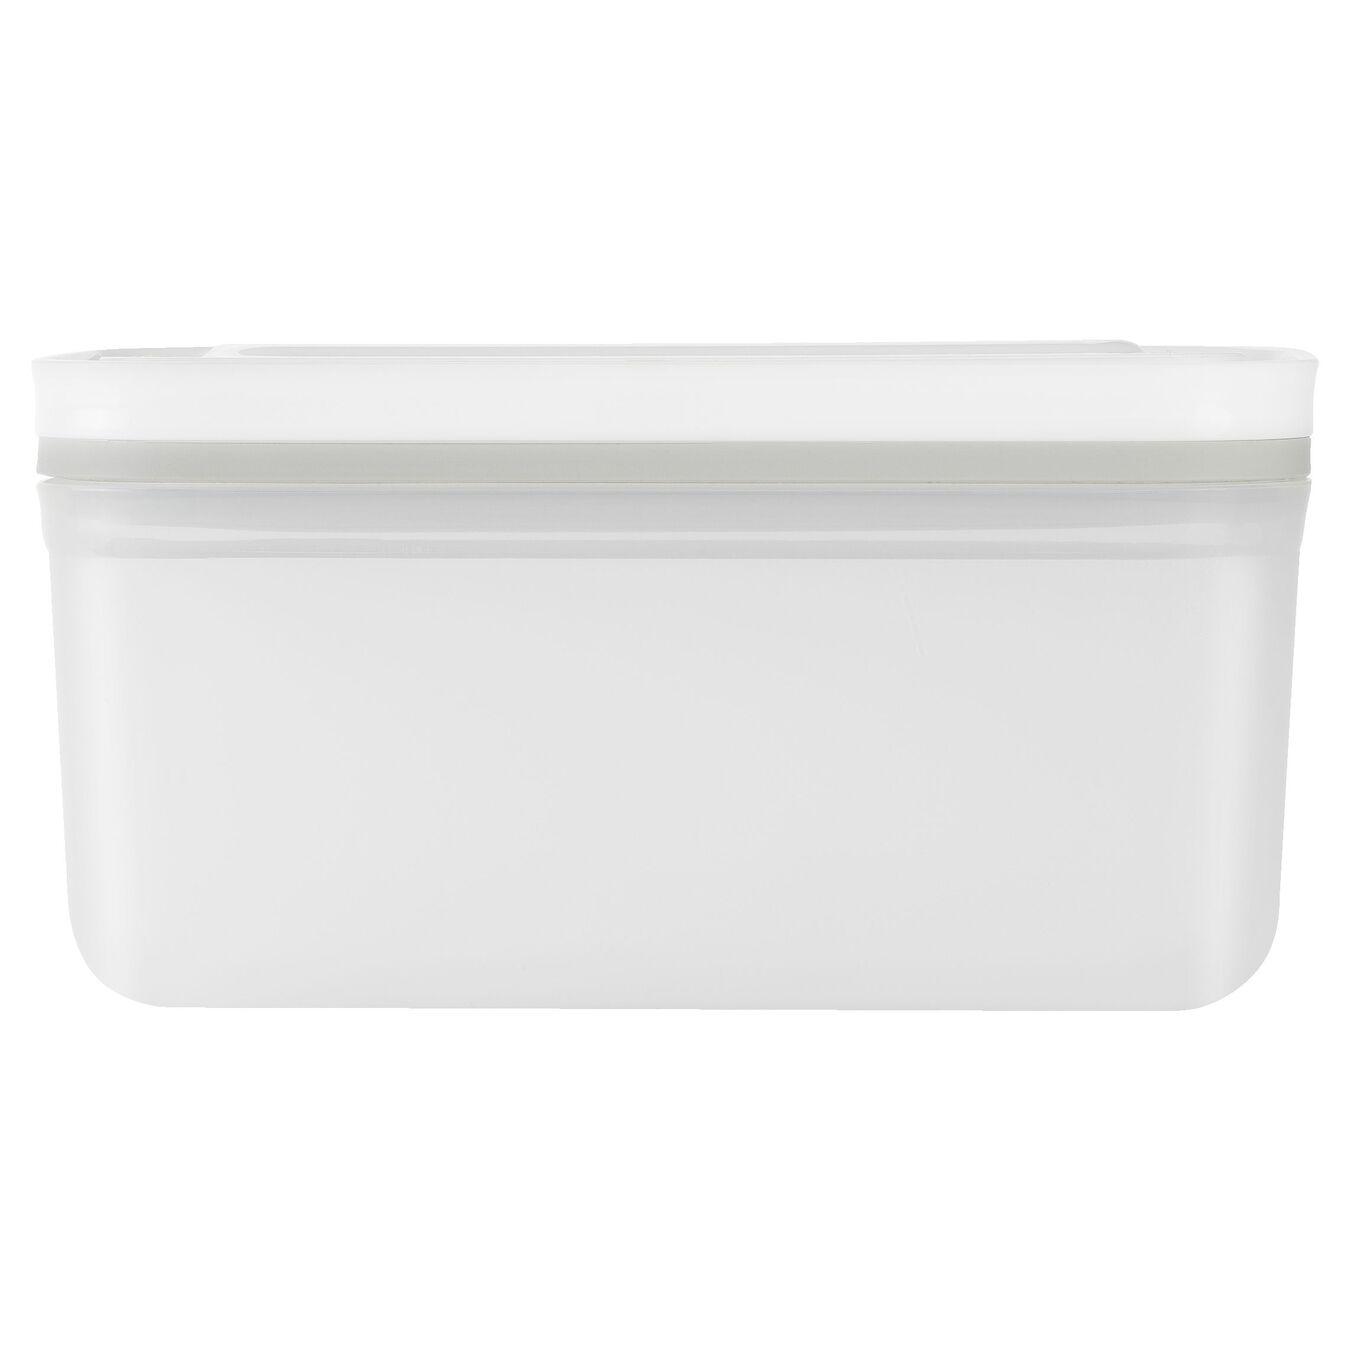 medium Vacuum box, Plastic, white,,large 3